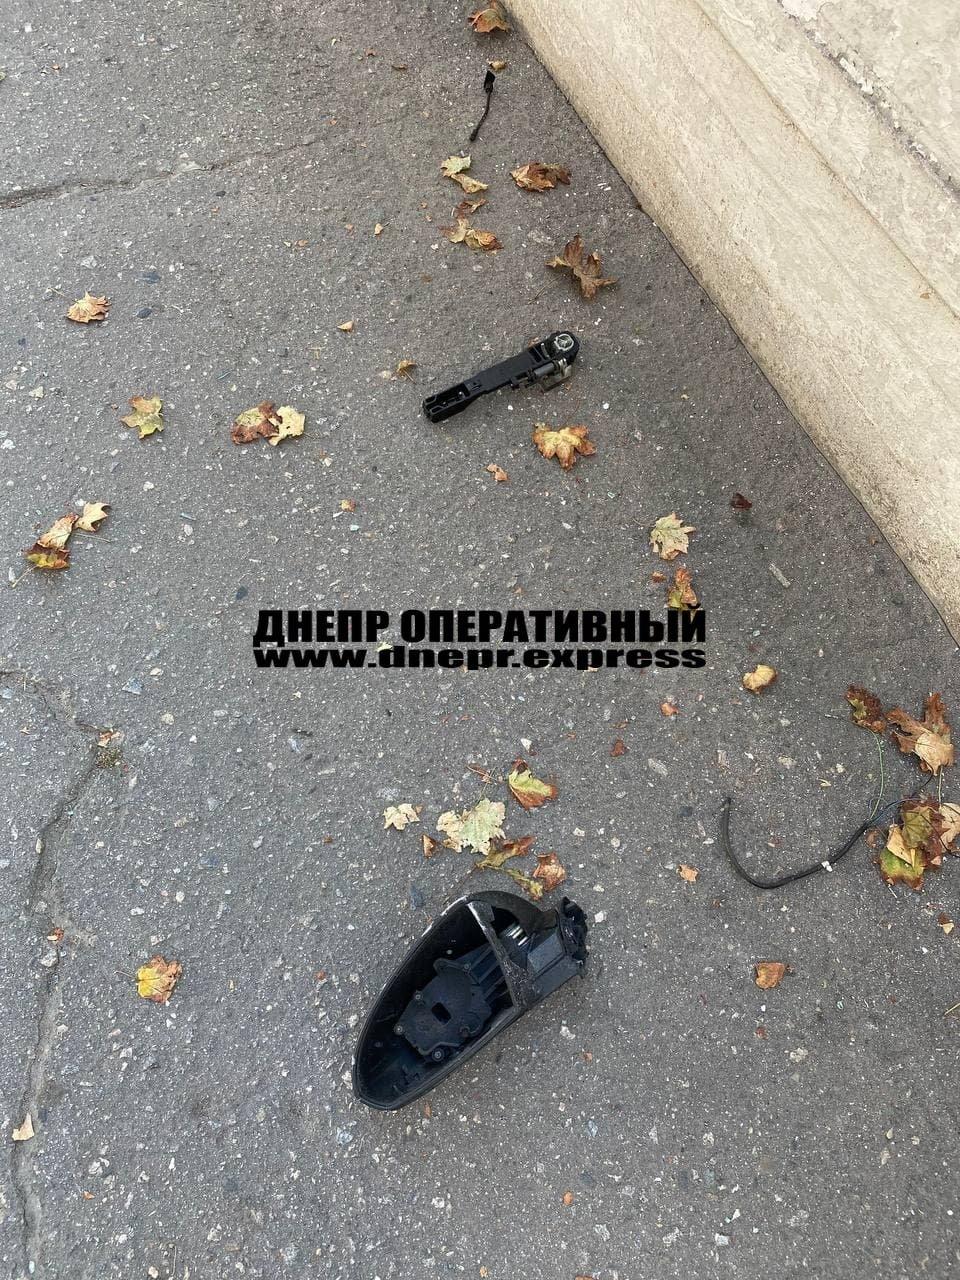 В Днепре от взрыва автомобиль разорвало на части, погибли 2 человека, - ФОТО, фото-6